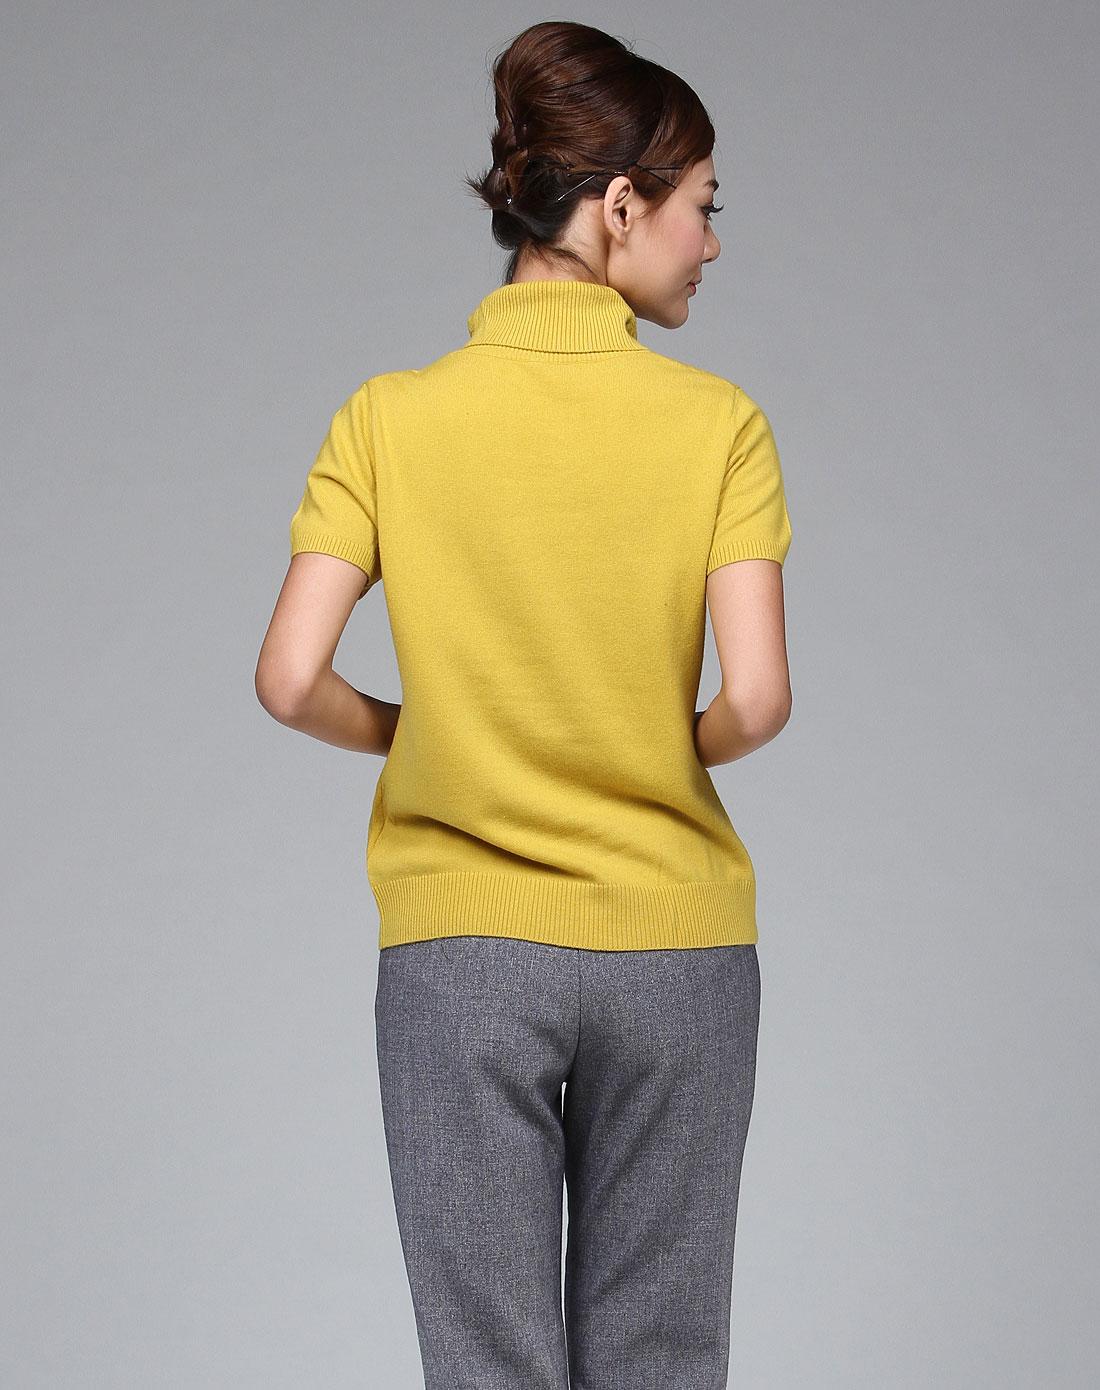 姜䲹a�_浅秋浅姜黄色简洁烫钻短袖套衫a0826-278_唯品会